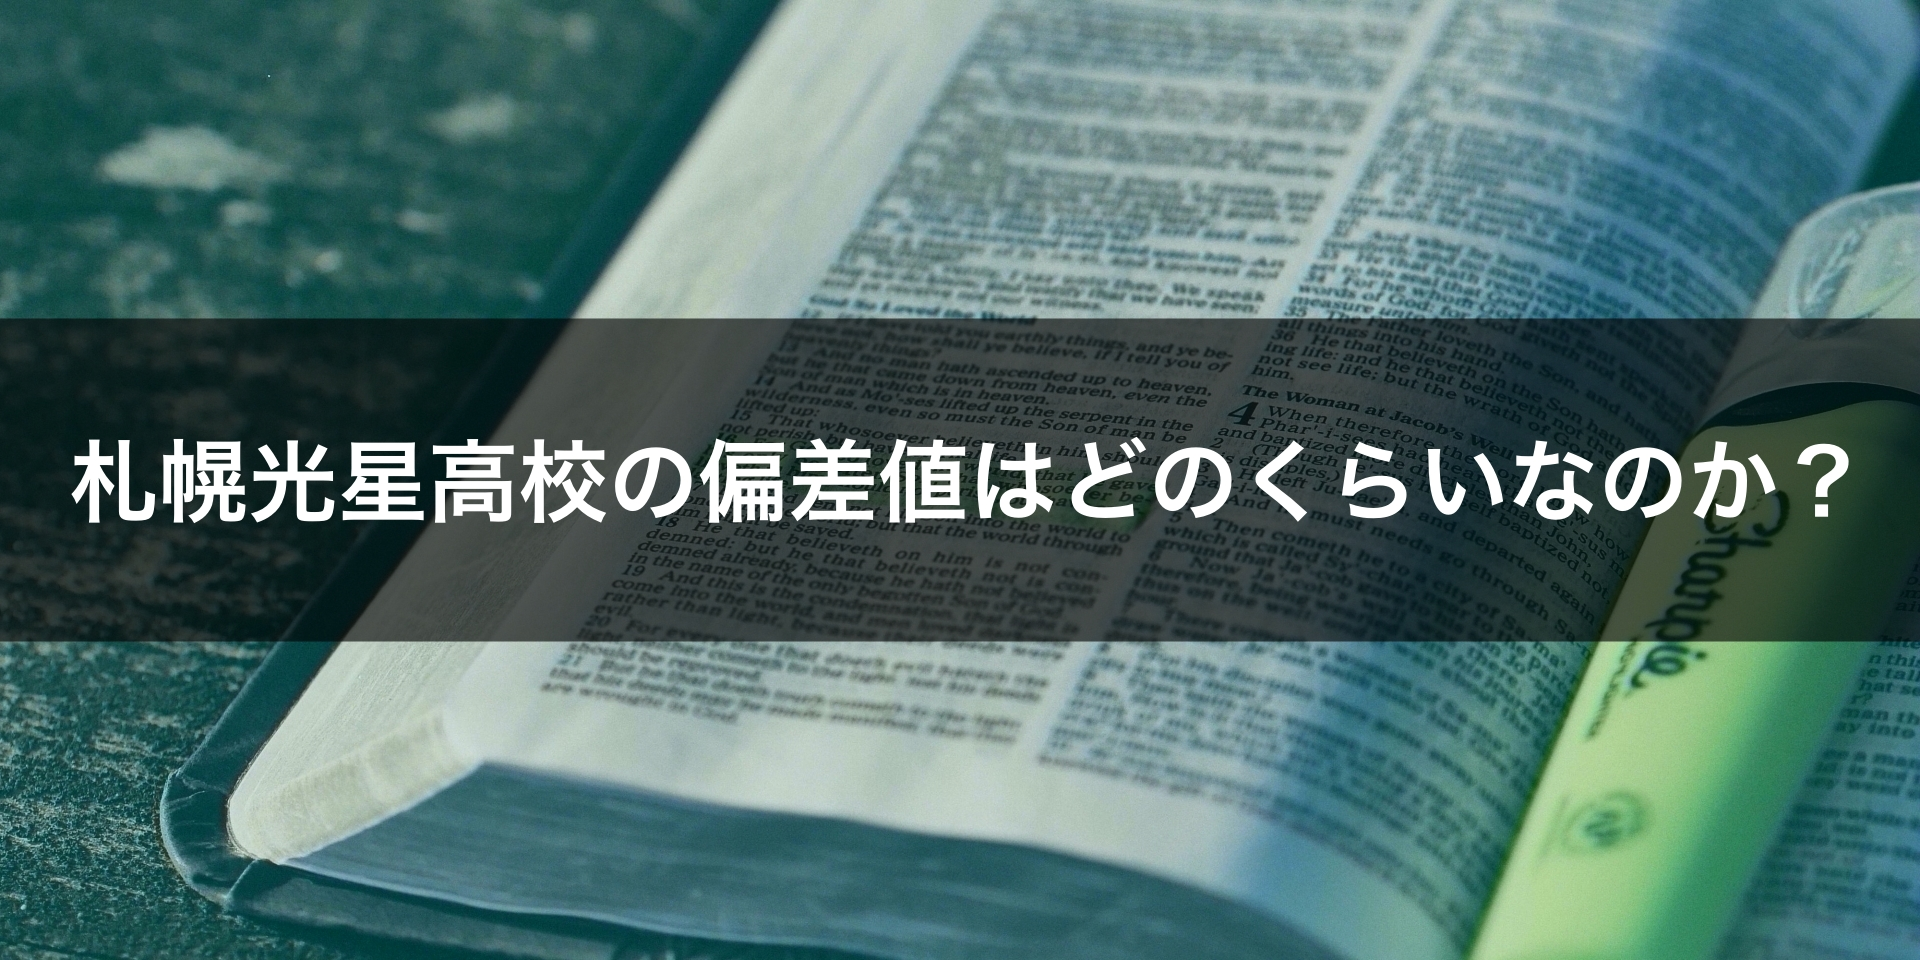 札幌光星高校の偏差値はどのくらいなのか?